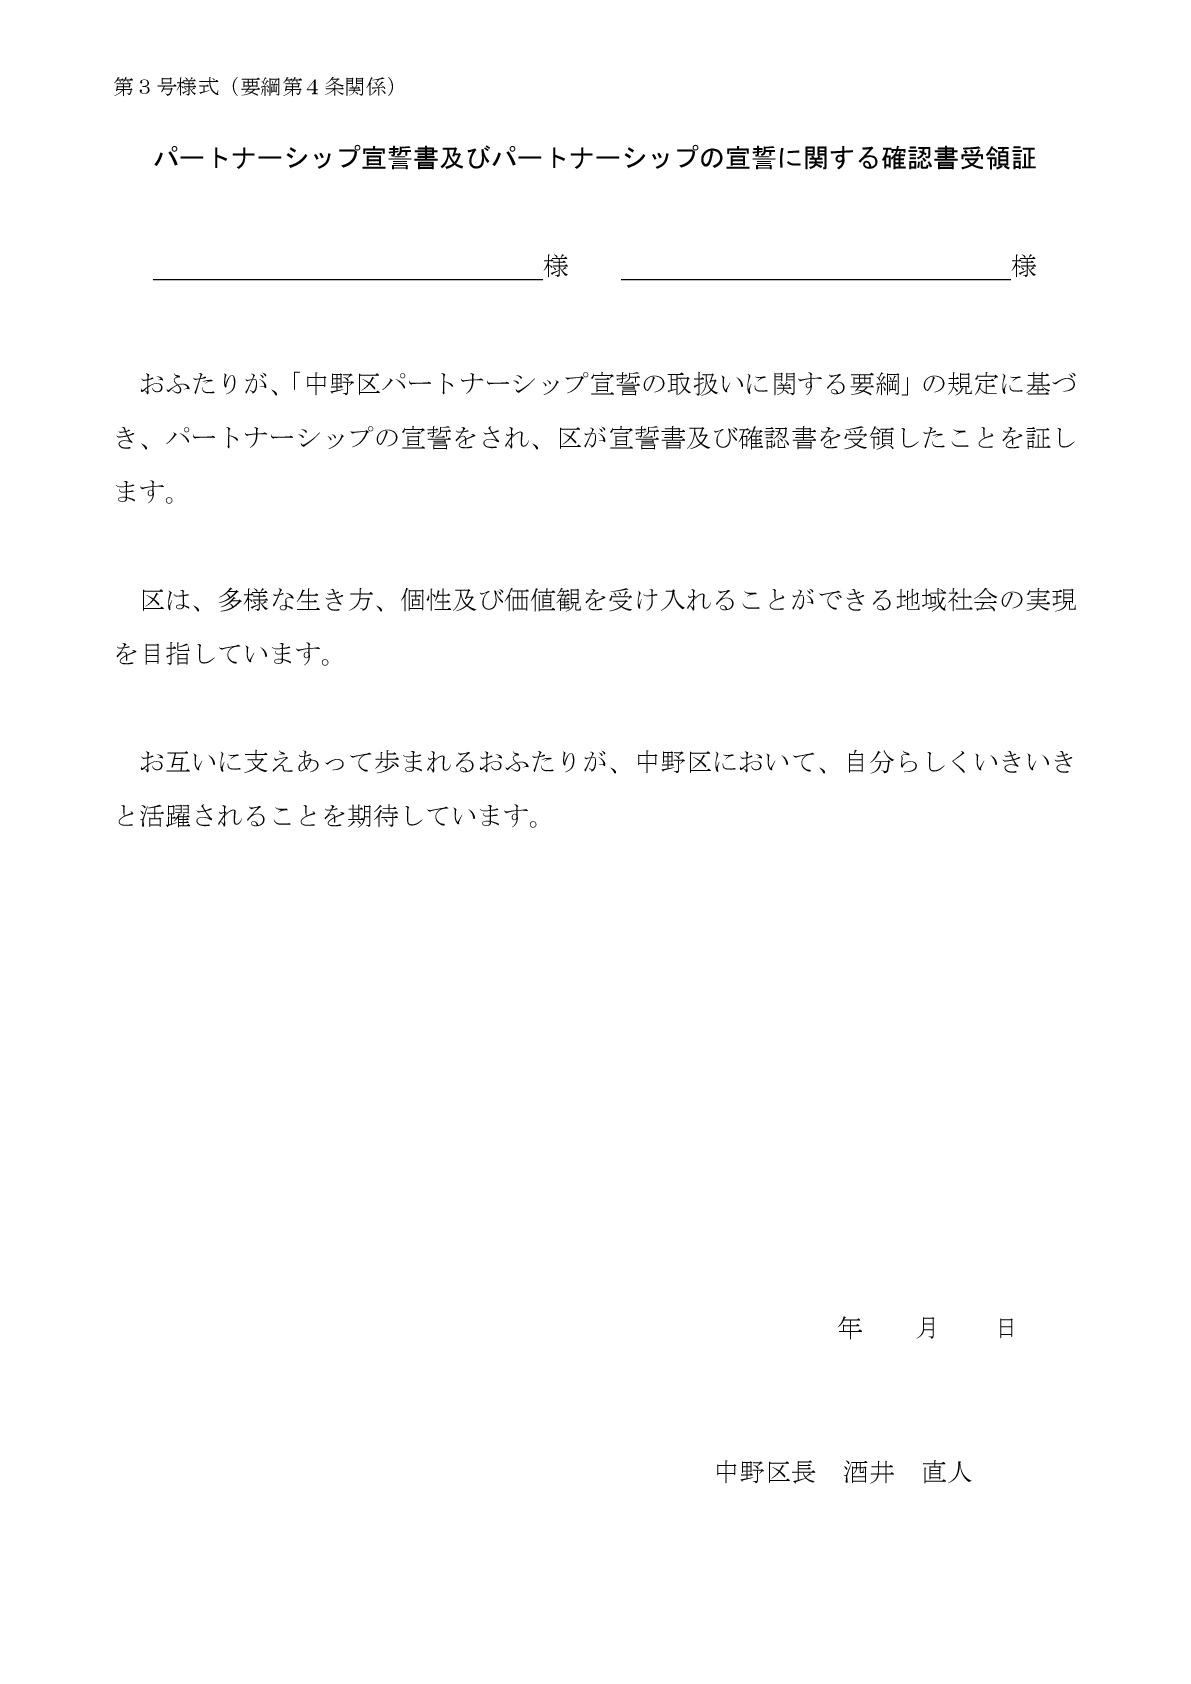 中野 同性パートナーシップ 証明書